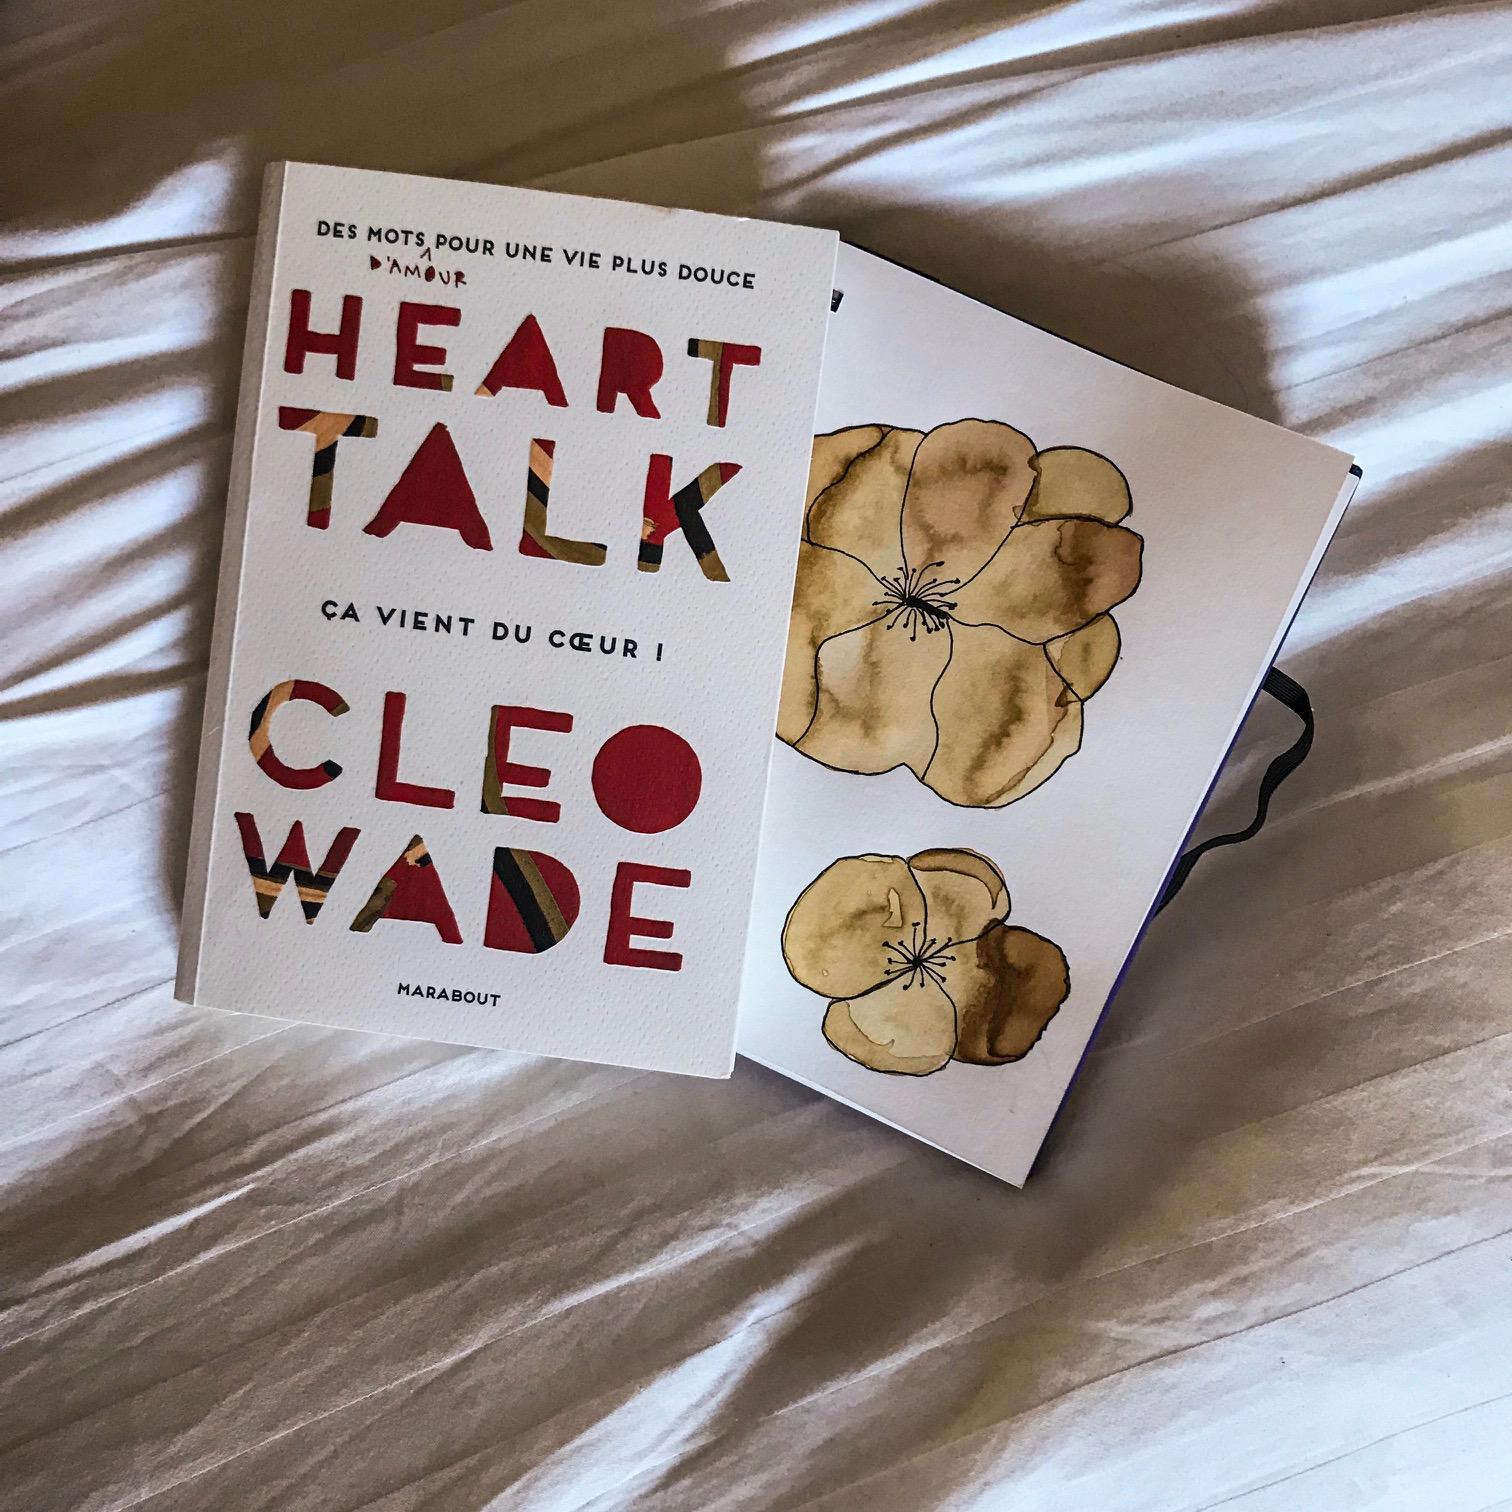 Heart Talk Ca Vient Du Cœur De Cleo Wade Des Mots D Amour Pour Une Vie Plus Douce Cultur Elle